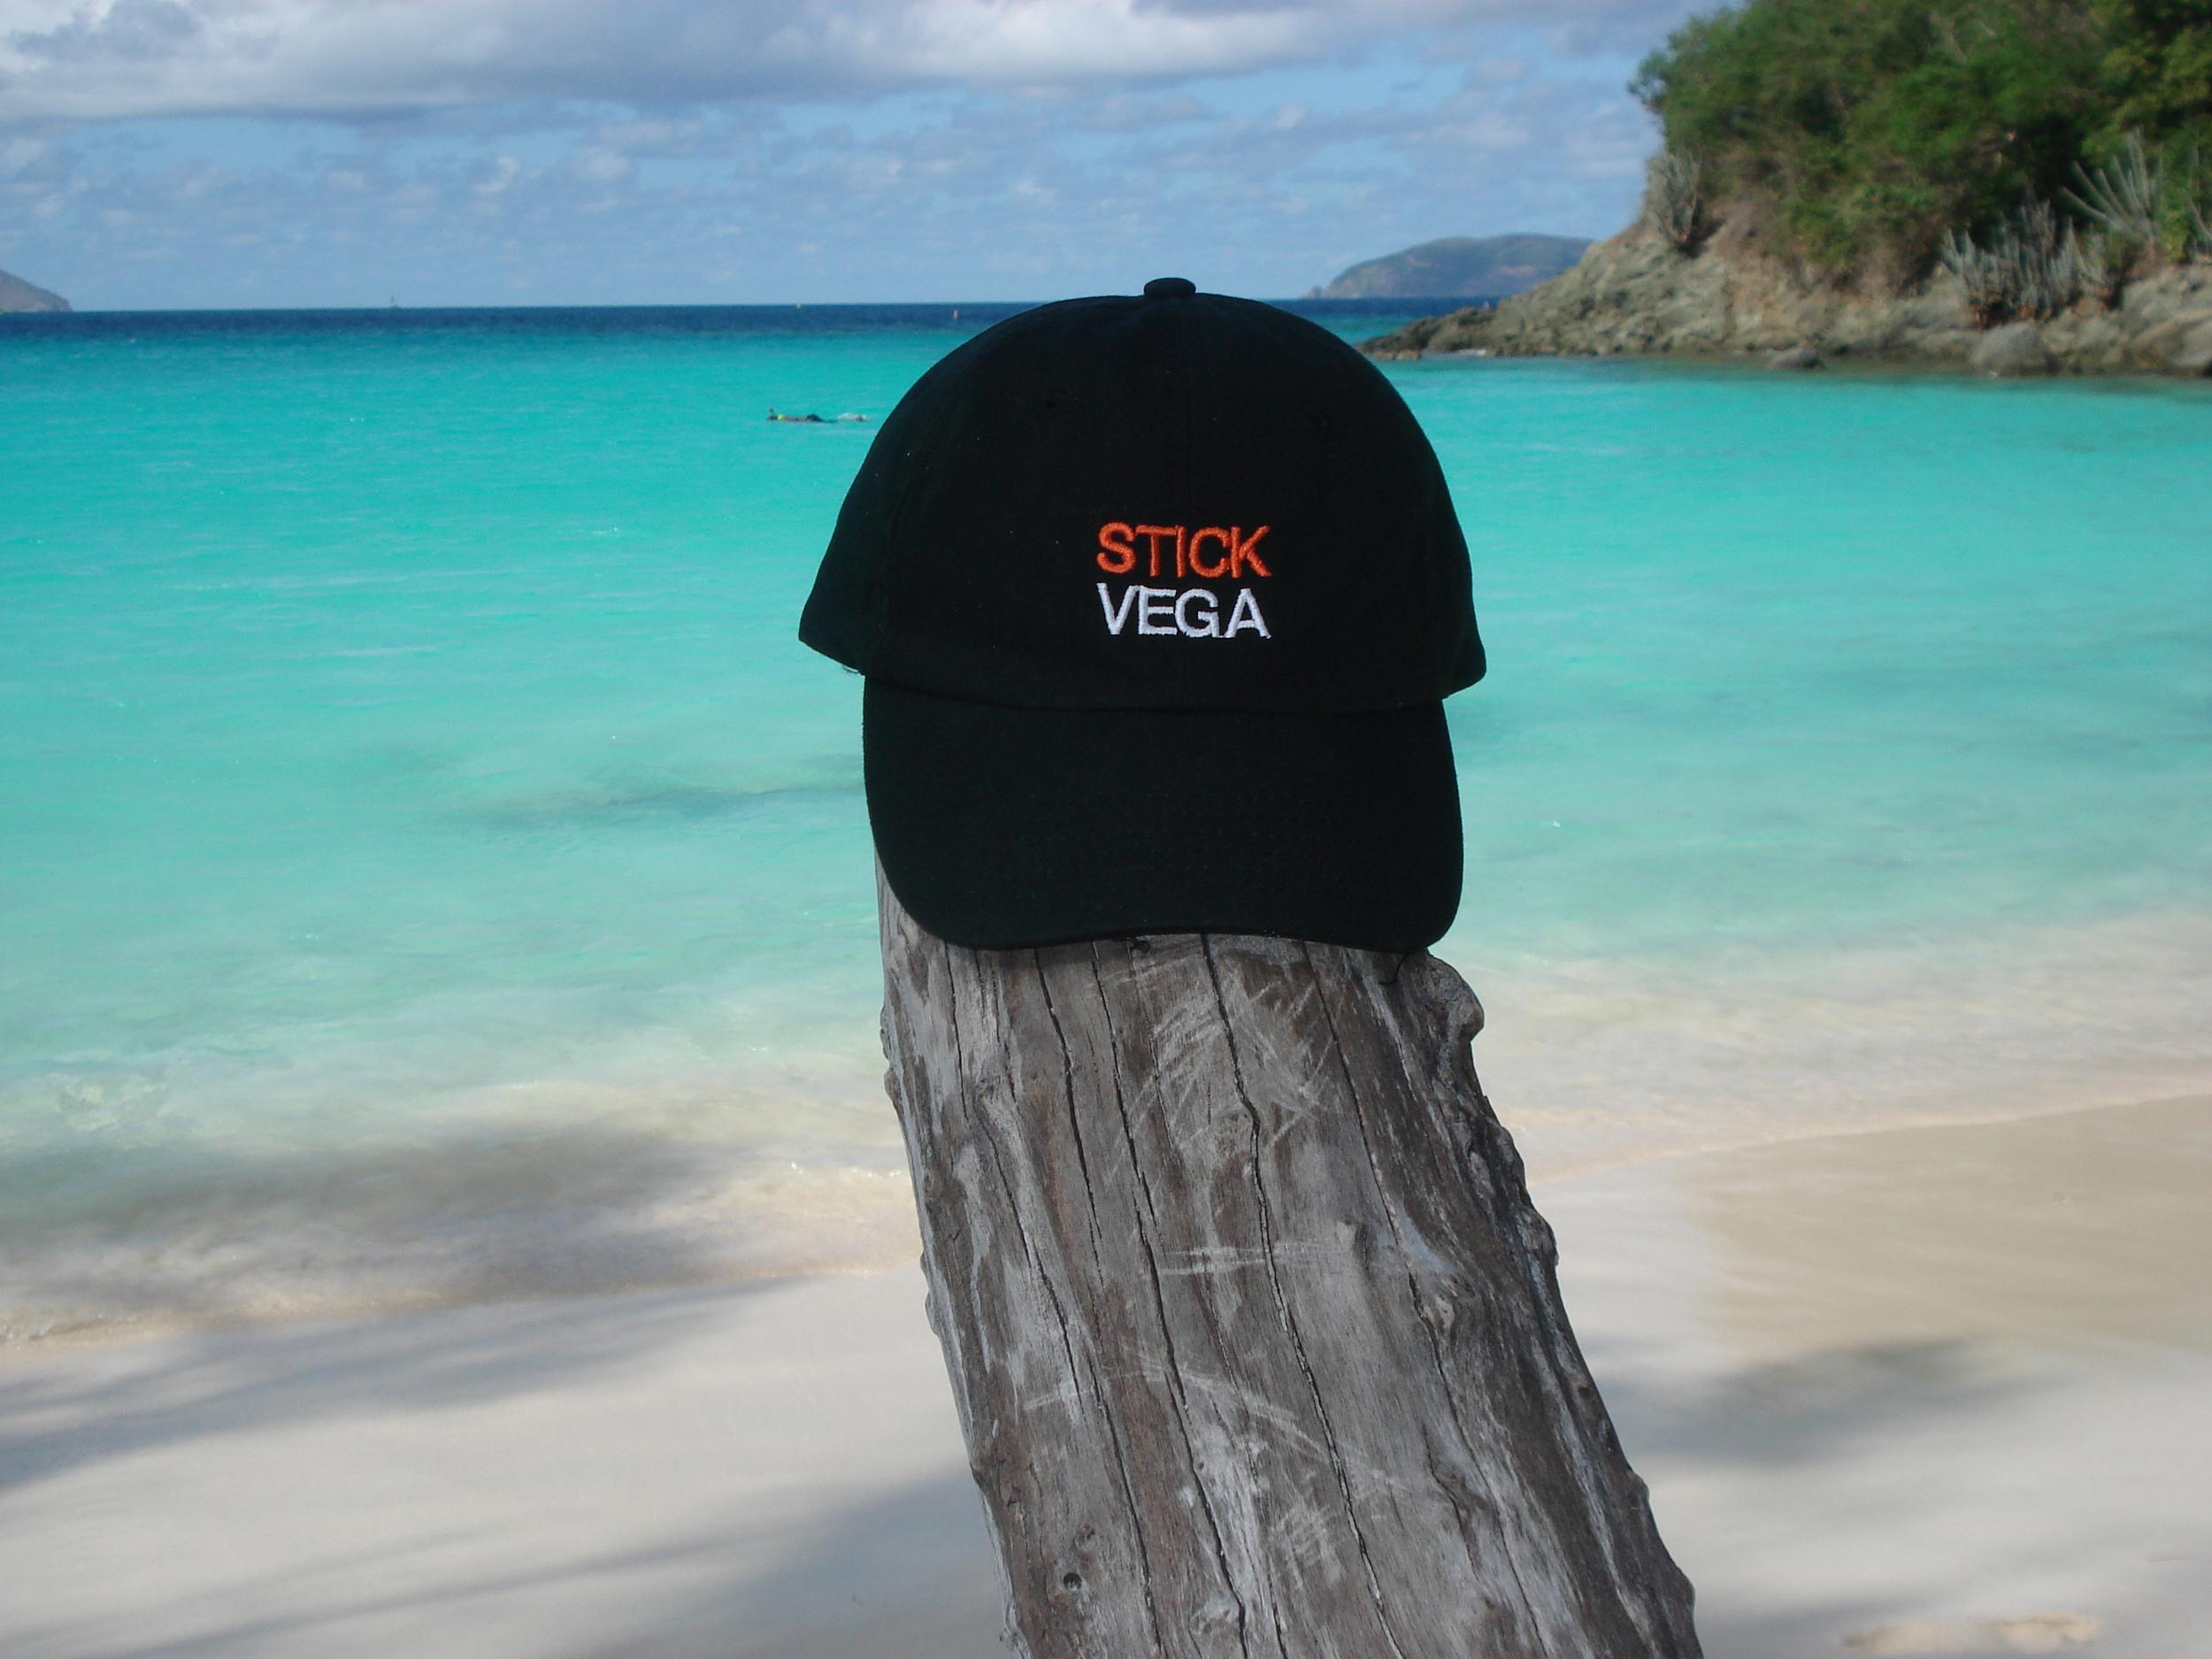 Vega Hat in St. Johns